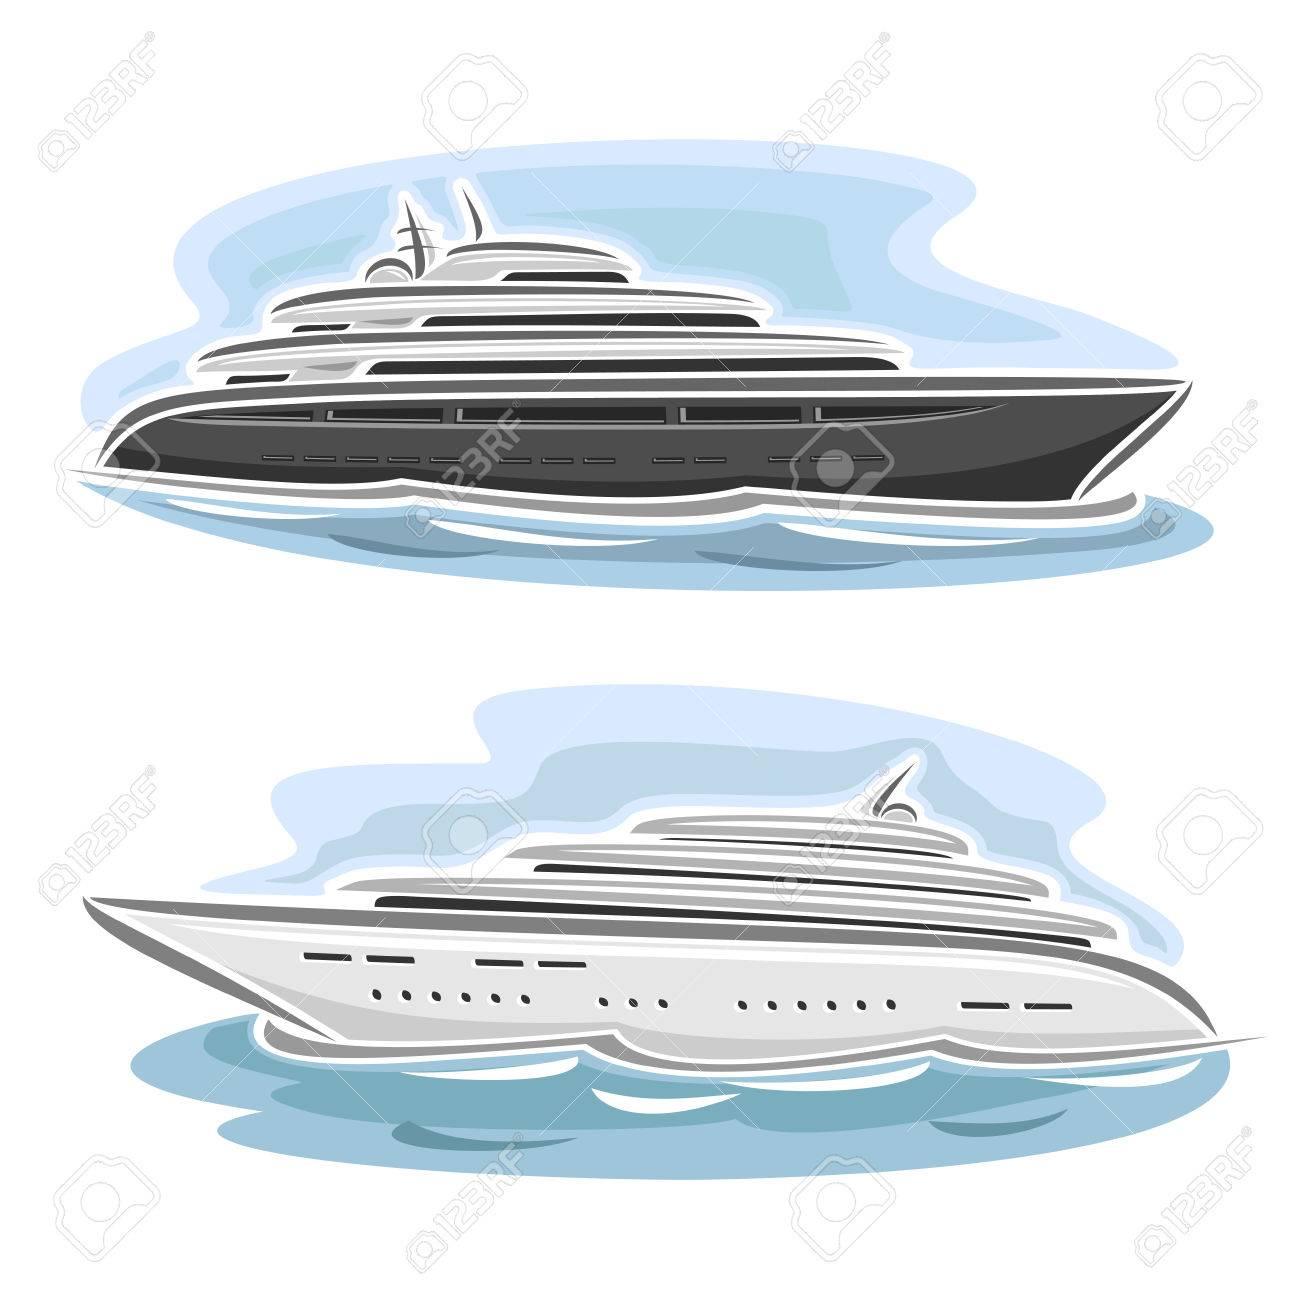 Vector Illustration D'un Grand Mega Yacht, Composé De Croisière Dessin  Animé Paquebot De Luxe Bateau, Flottant Sur Les Vagues De La Mer Océan Gros pour Paquebot Dessin